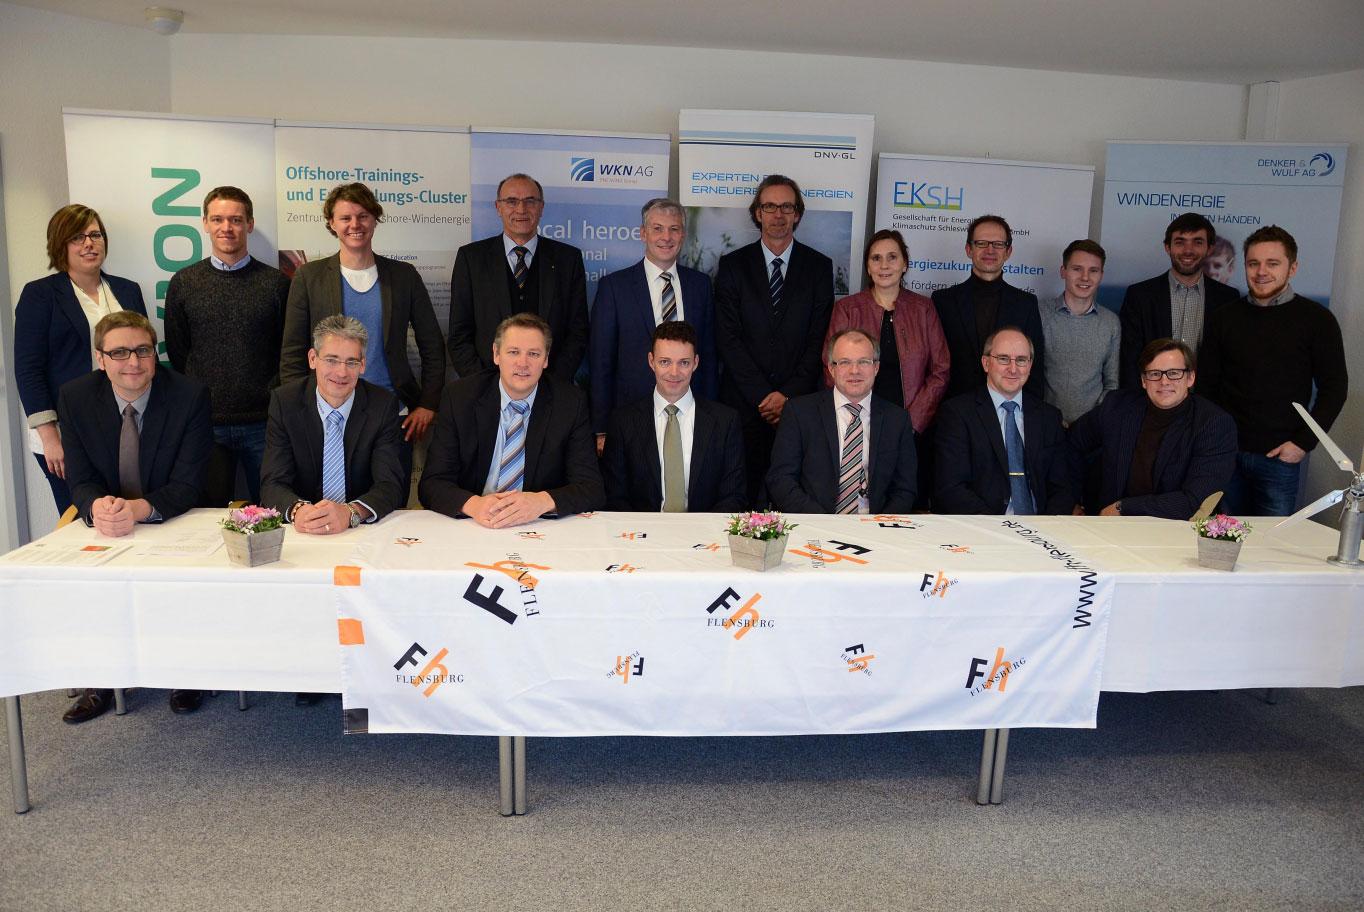 Erfolgreiches Team: Die Stifter unterstützen die Arbeit des Wind Energy Technology Institute (WETI) an der Fachhochschule Flensburg weitere fünf Jahre. Foto: Gatermann